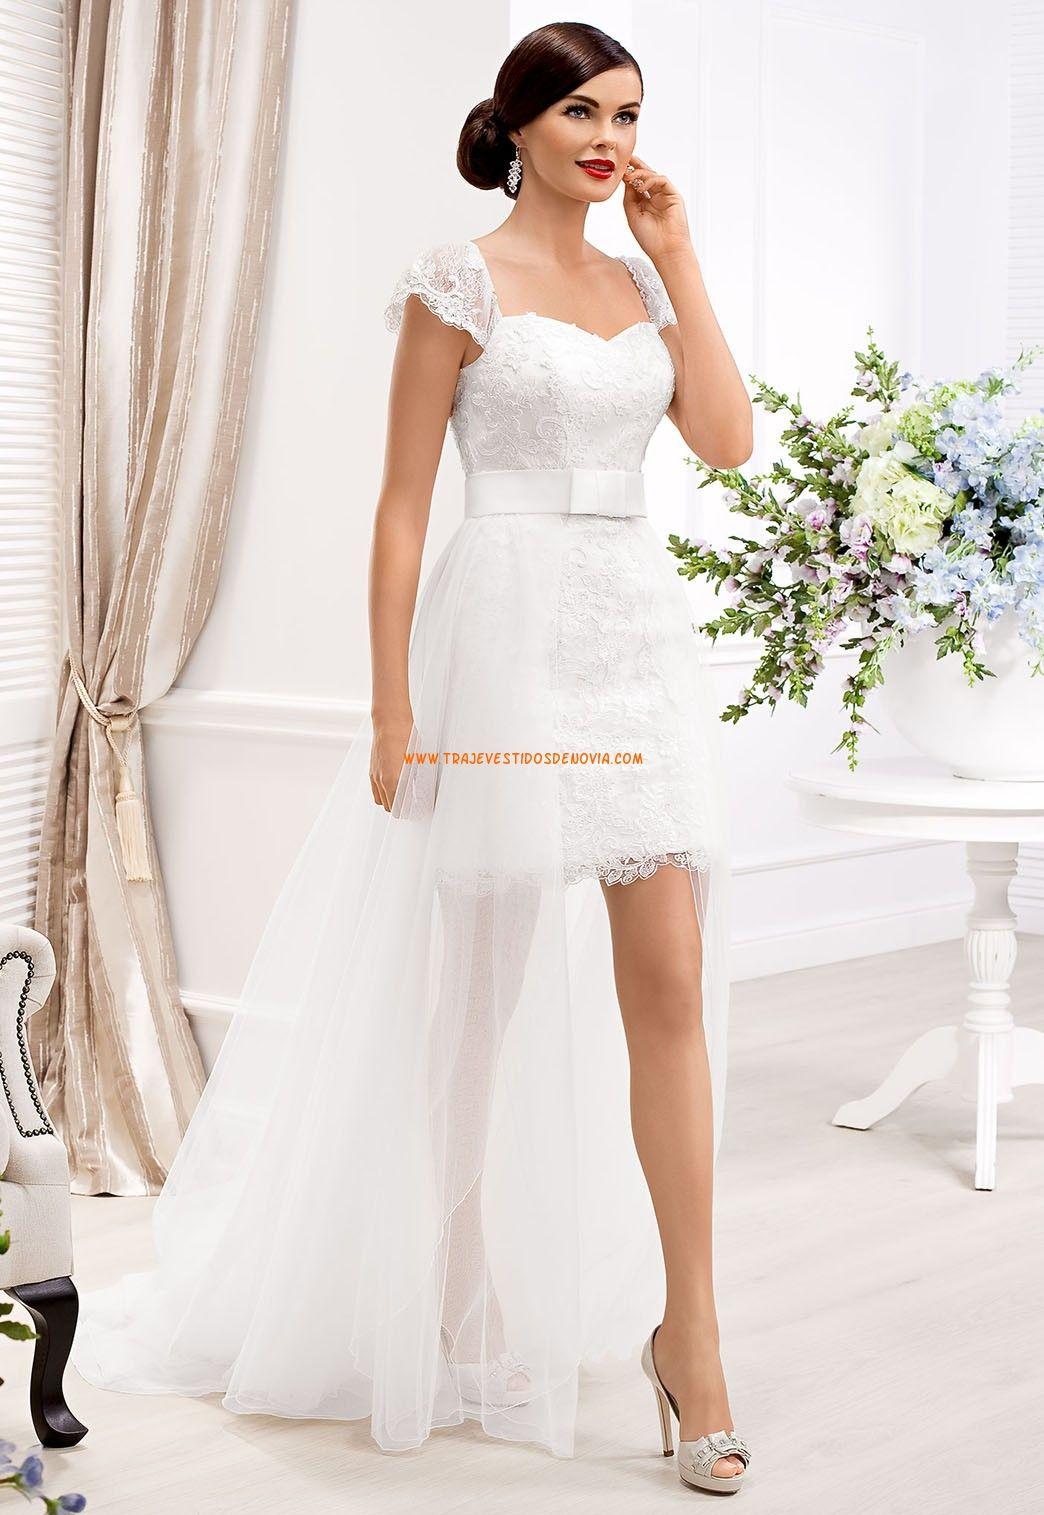 2a2480948 Vestidos de novia de tul con cola desmontables de encaje